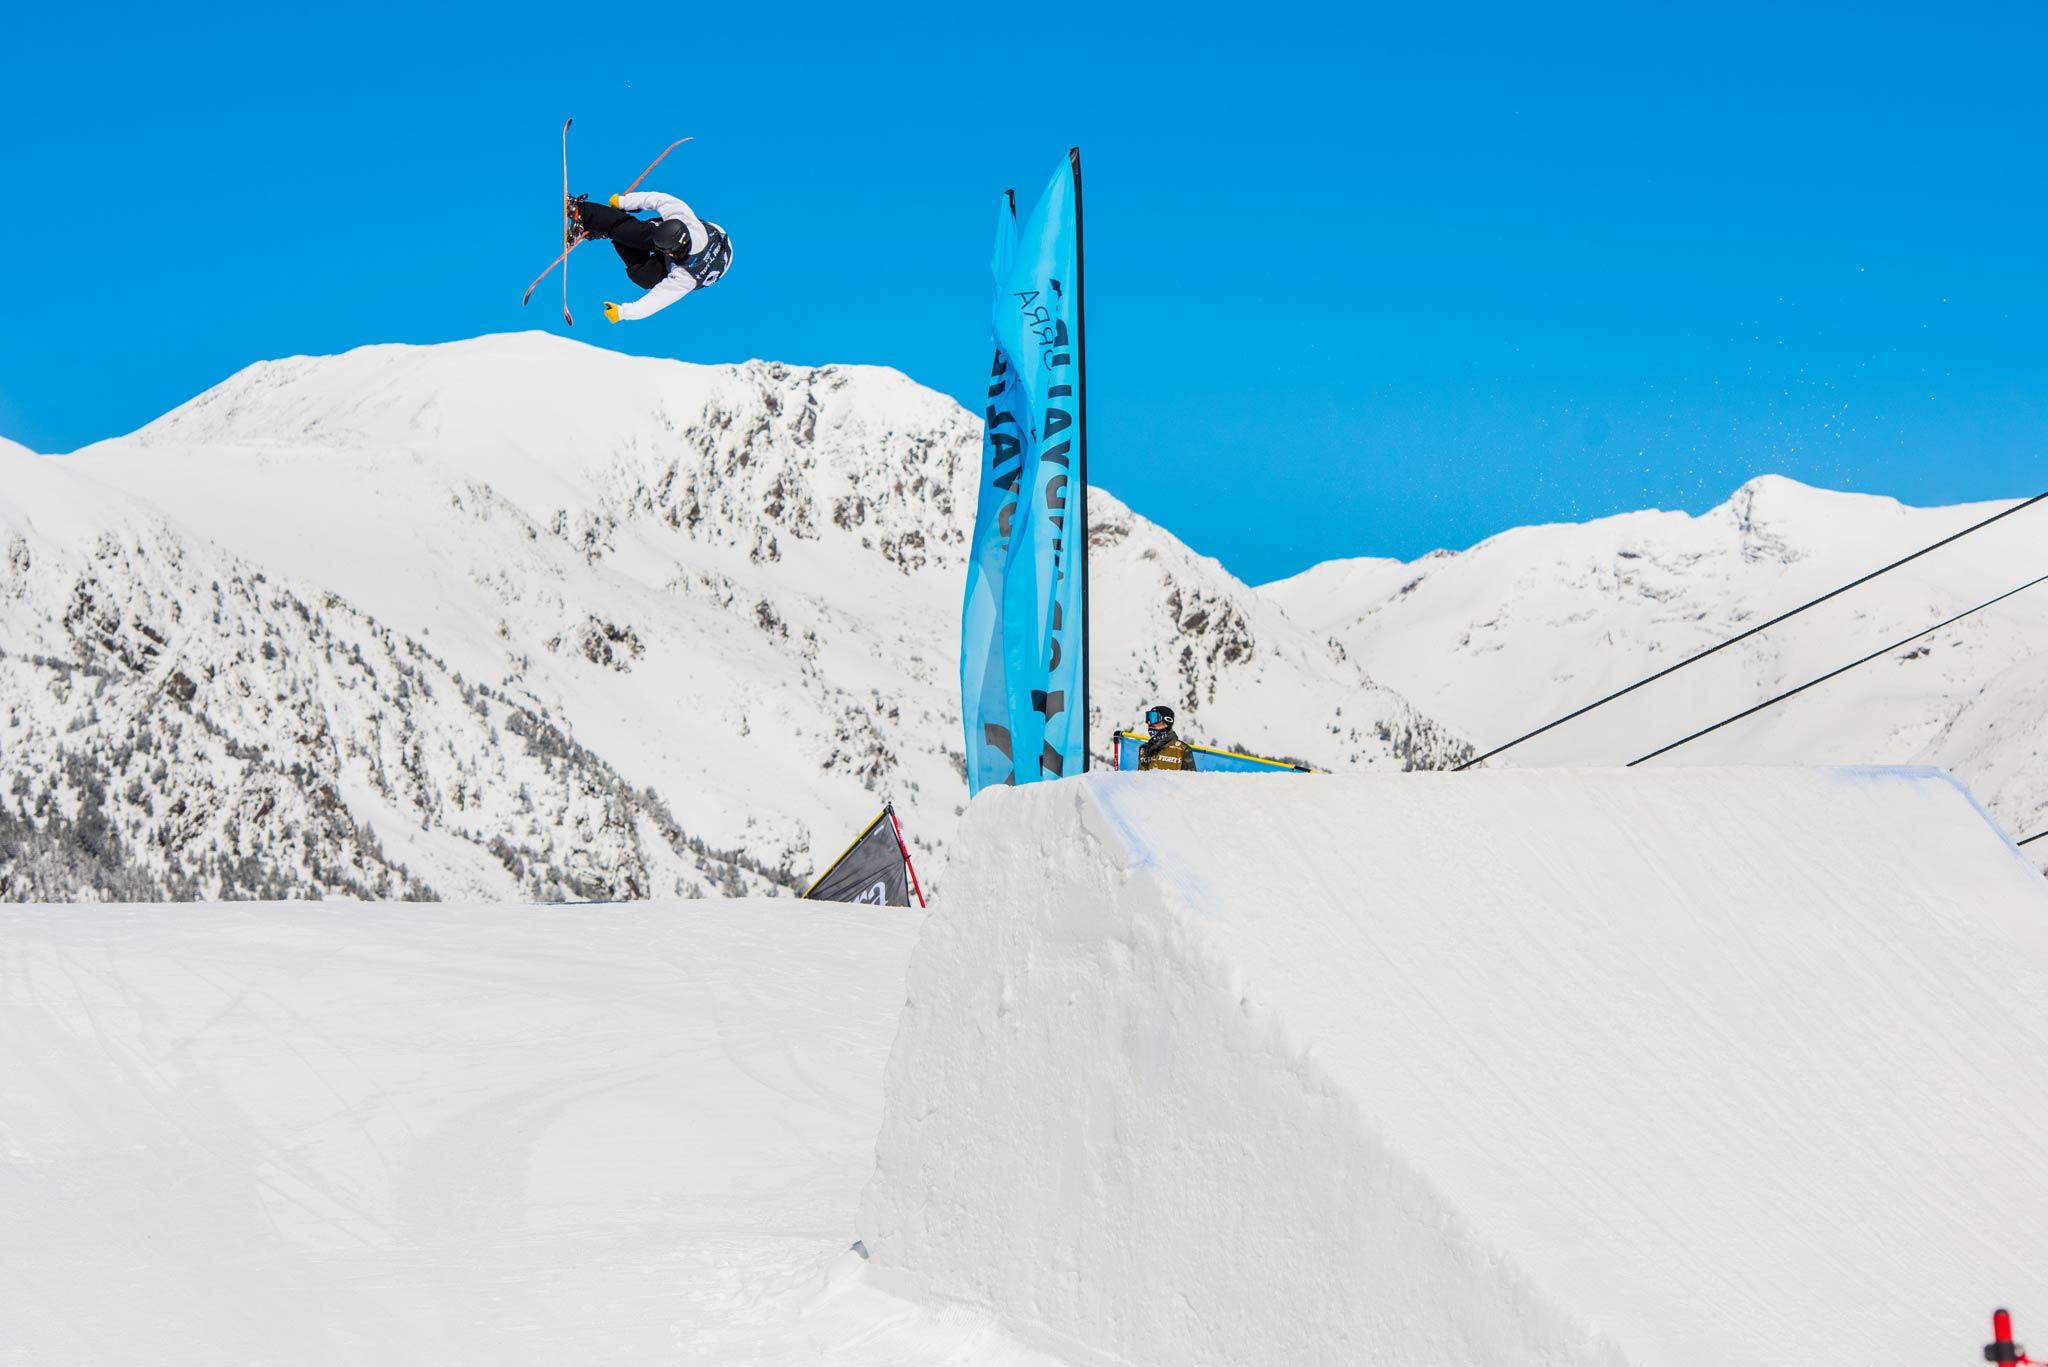 Vom 2. bis 4. April 2020 kommt eine Auswahl der international besten Slopestyle-Fahrer in den El Tarter Snowpark in Andorra und kämpft um ein Preisgeld von insgesamt 25.000 Dollar. - Rider: Aleksi Patja